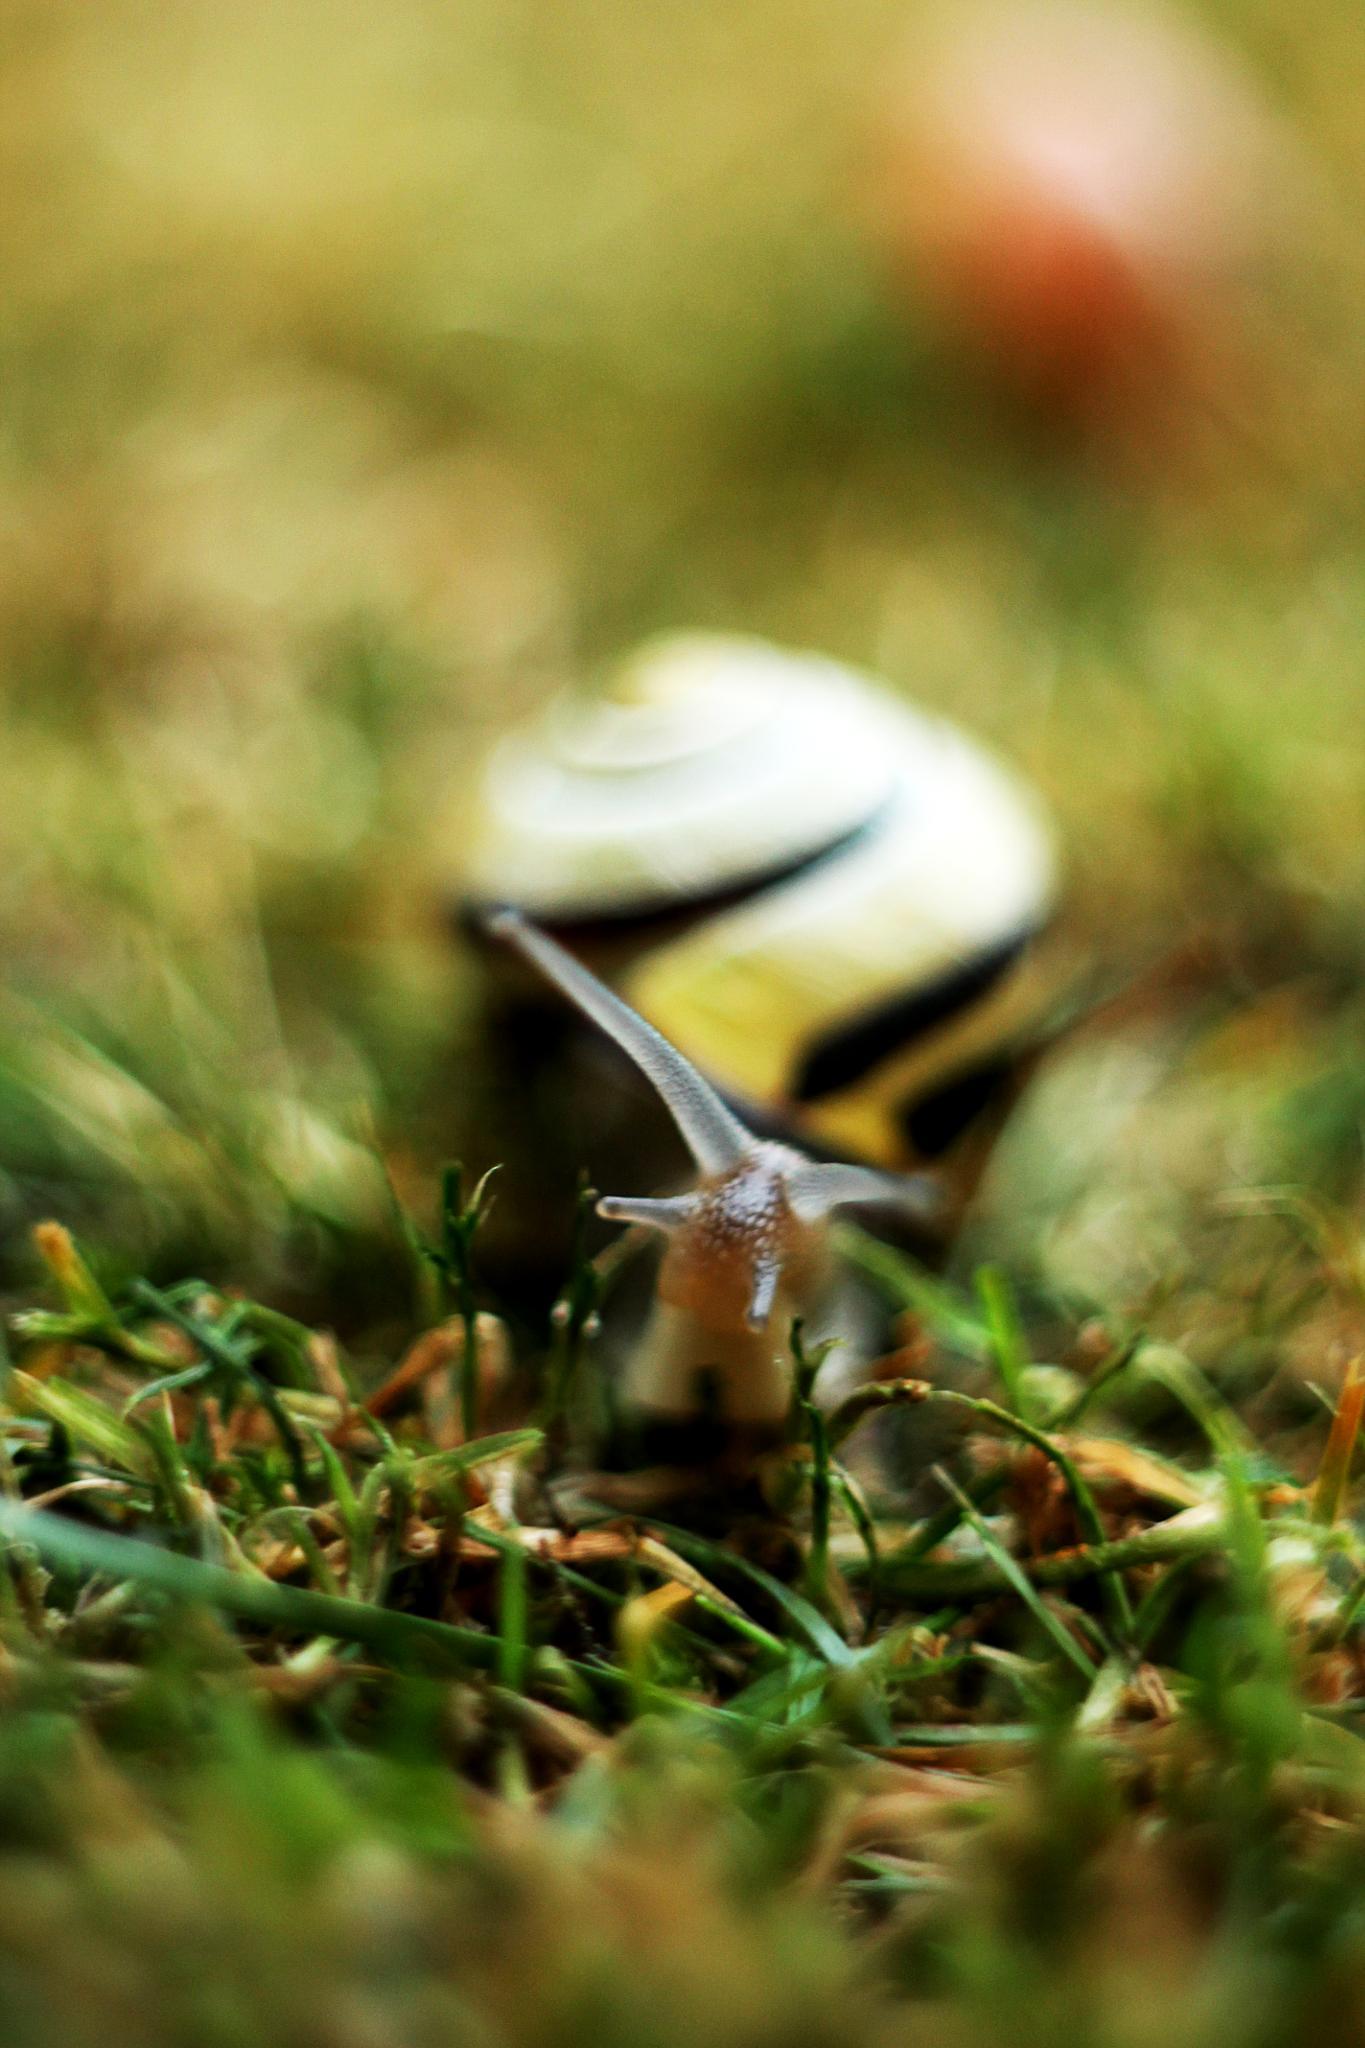 Snail by Beata Czapla